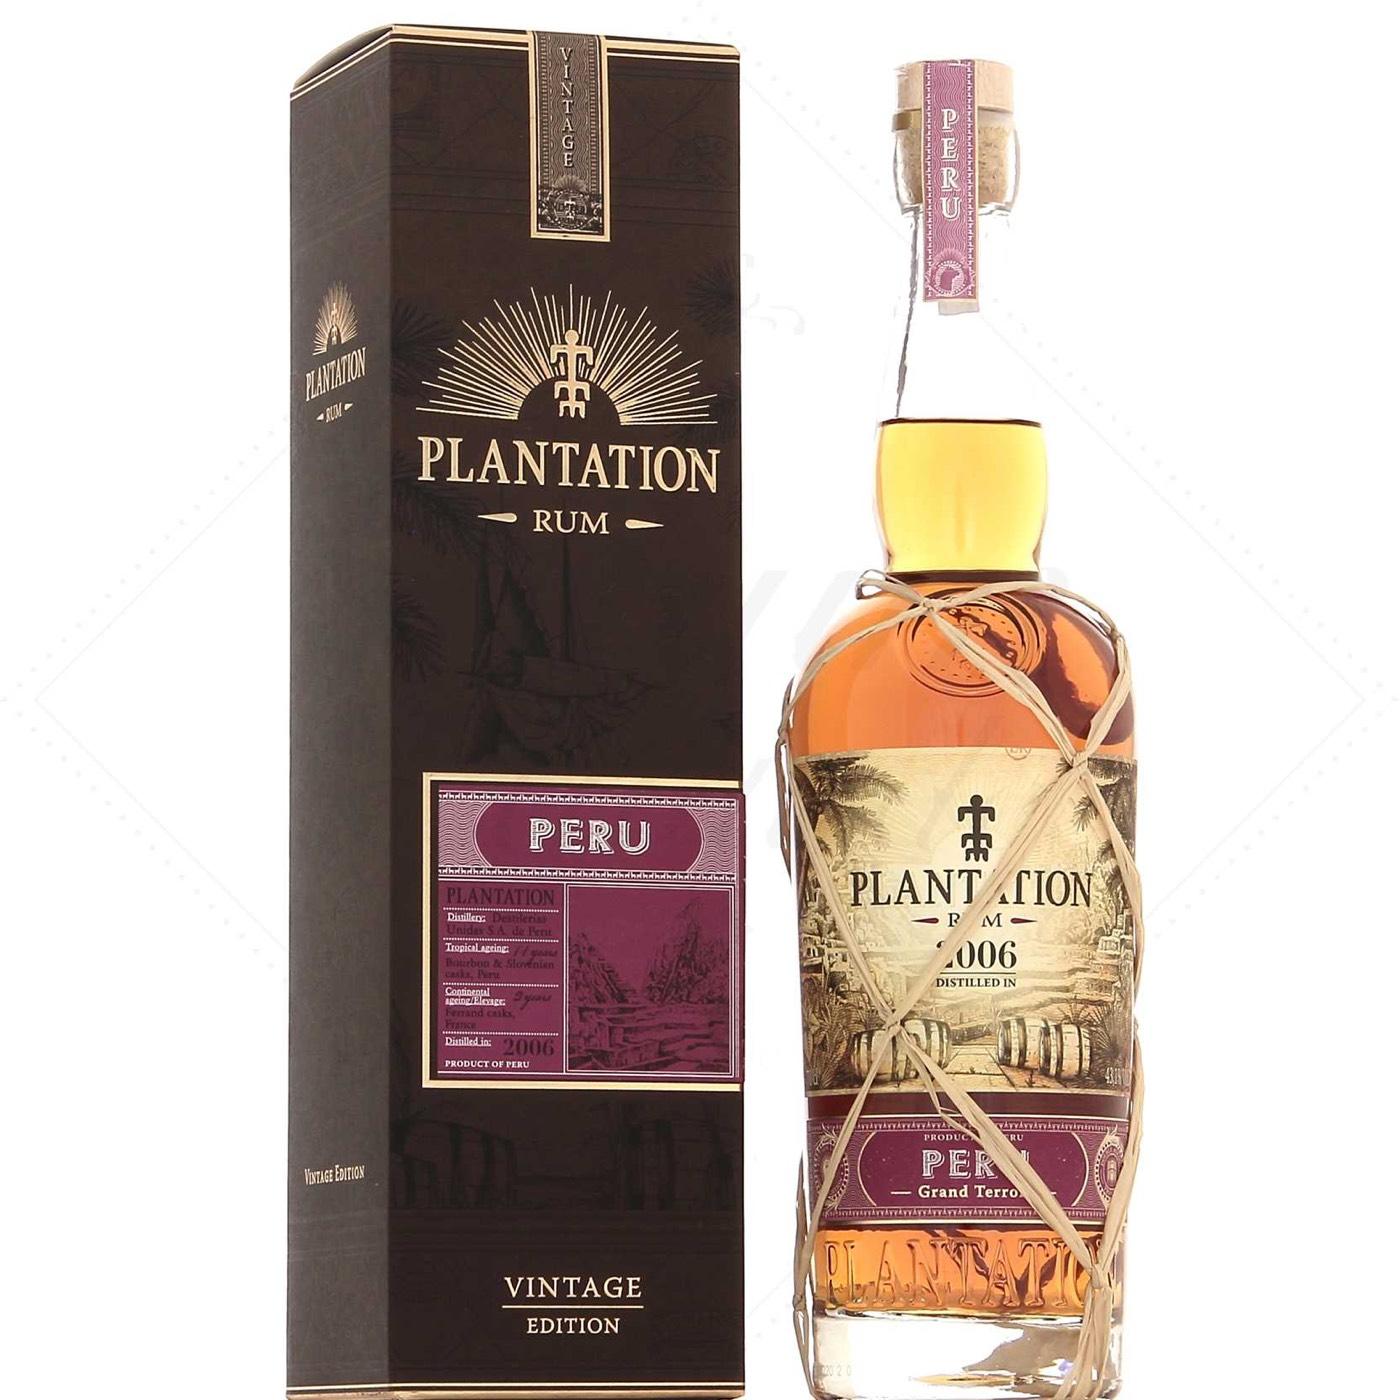 Bottle image of Plantation Peru